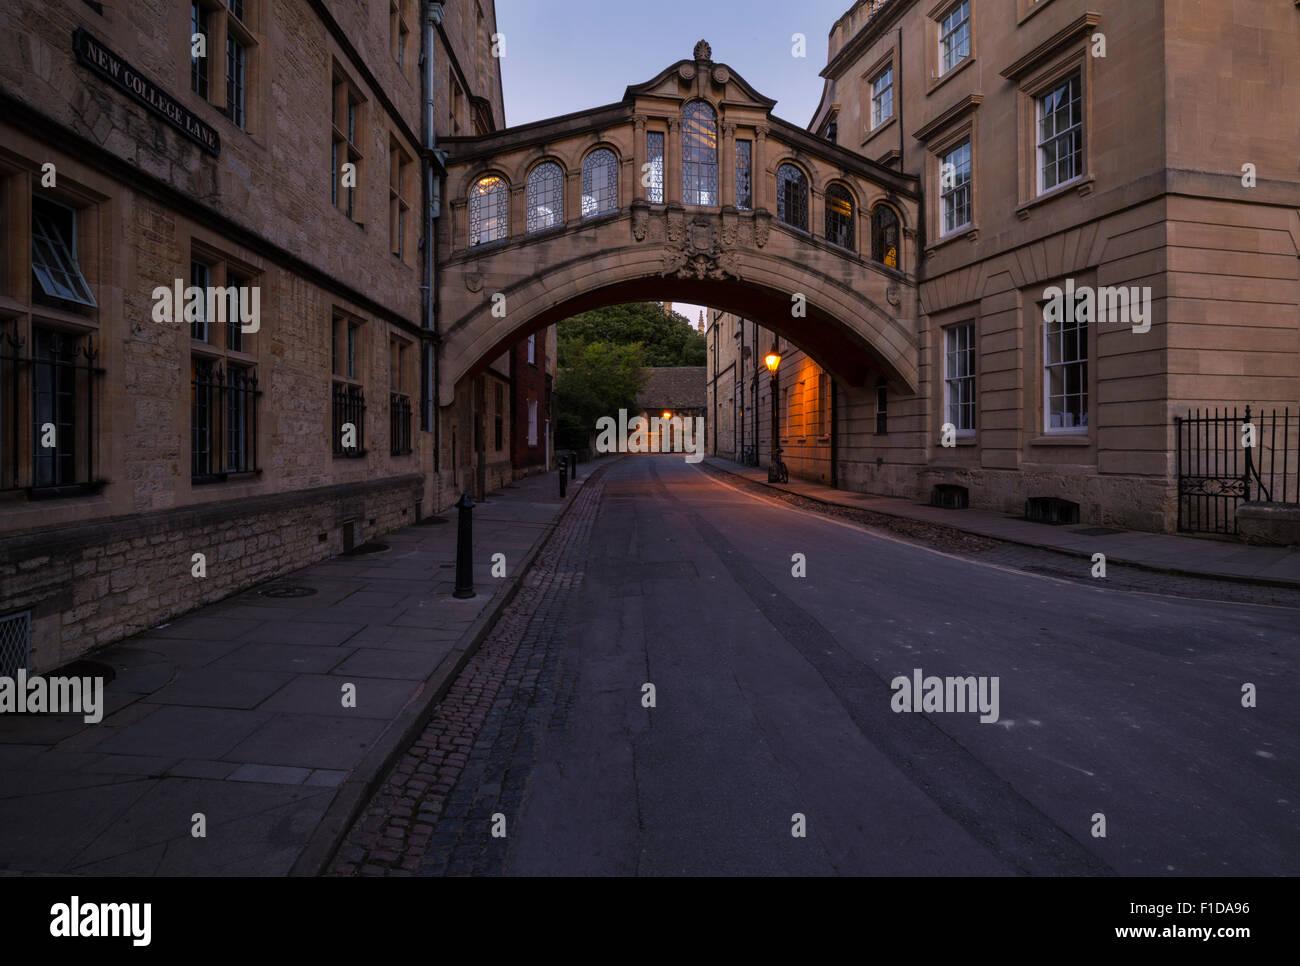 Il ponte dei sospiri di oxford city centre di collegamento tra due edifici universitari insieme Immagini Stock